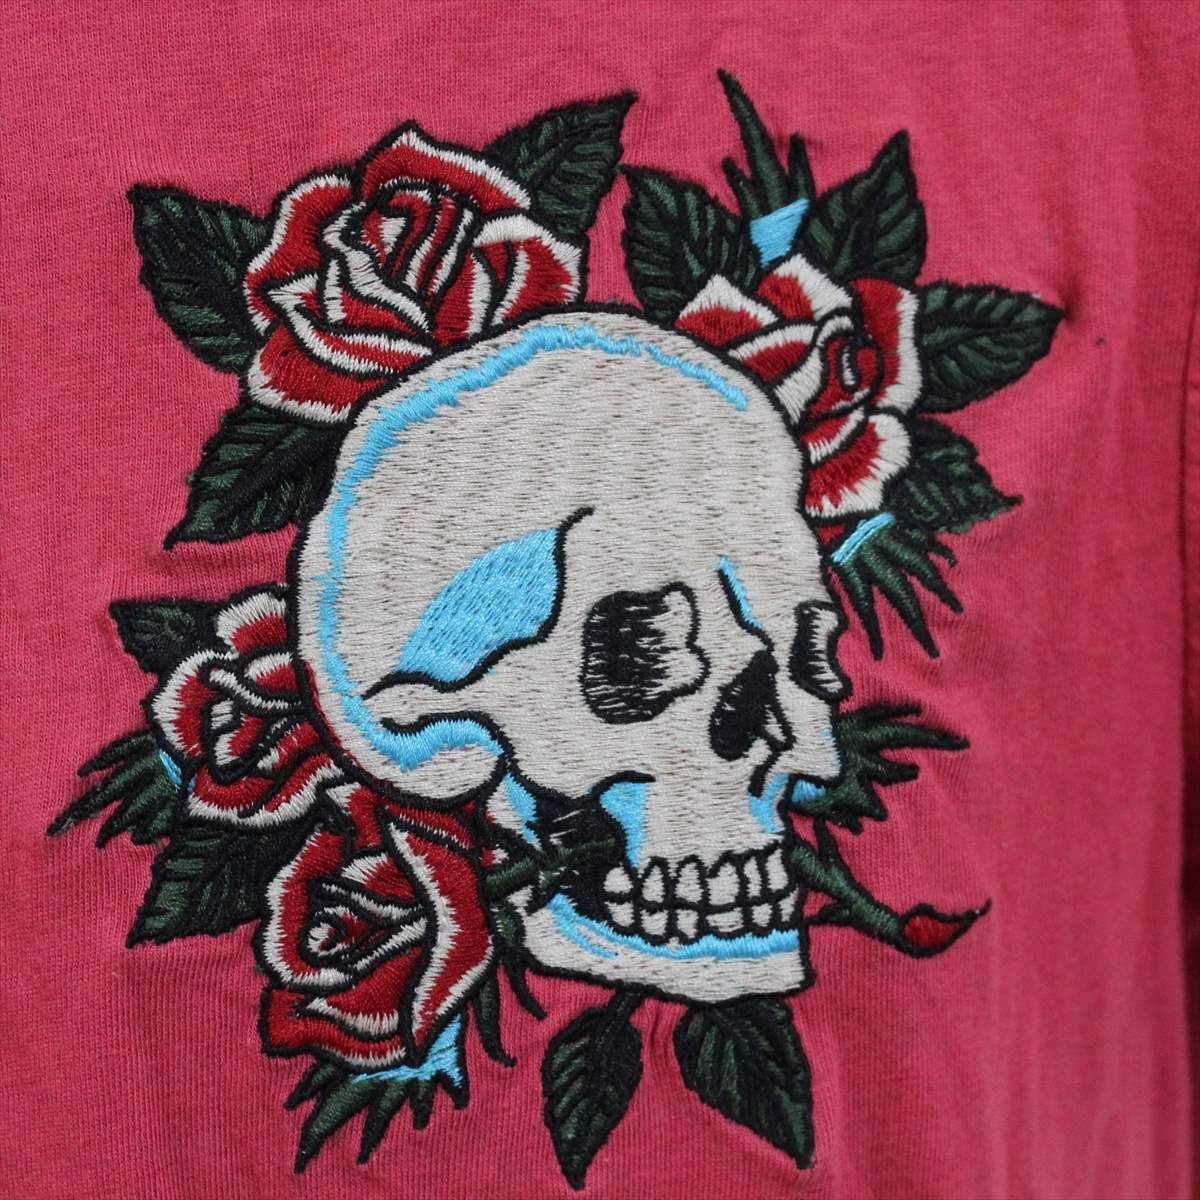 エドハーディー ED HARDY メンズ半袖Tシャツ ピンクレッド Sサイズ 新品 ロゴ刺繍_画像2